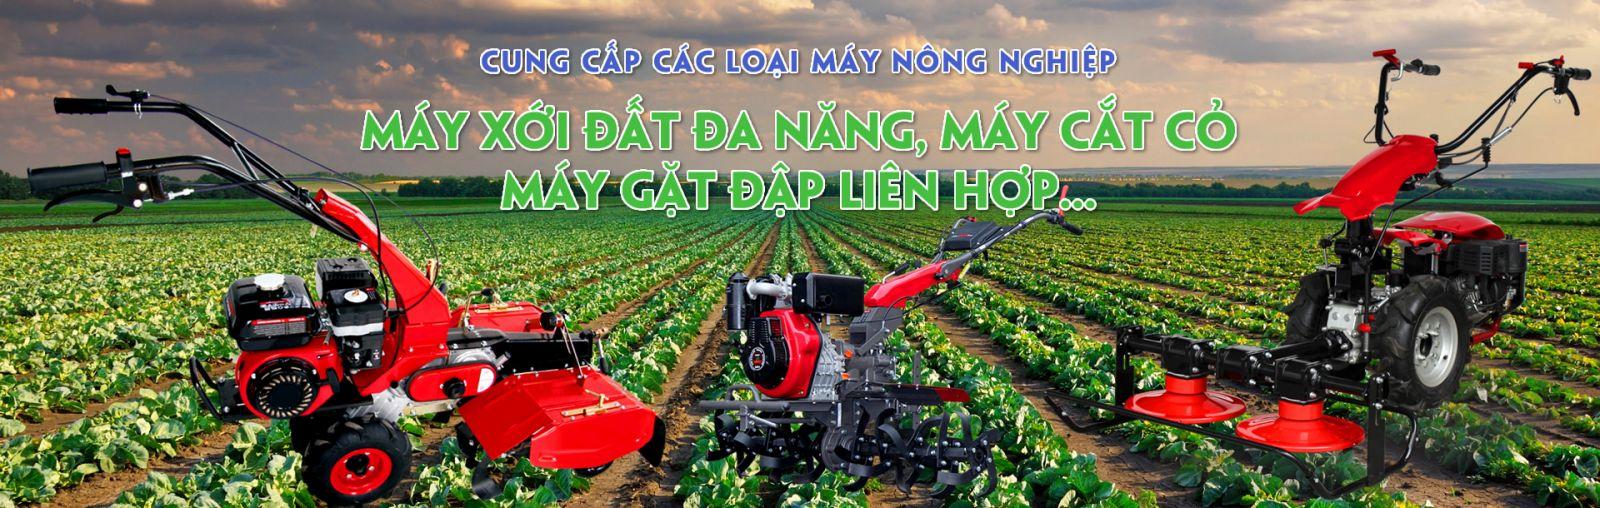 http://dienmaysaoviet.vn/admin/http://dienmaysaoviet.vn/may-lam-dat-da-nang.html